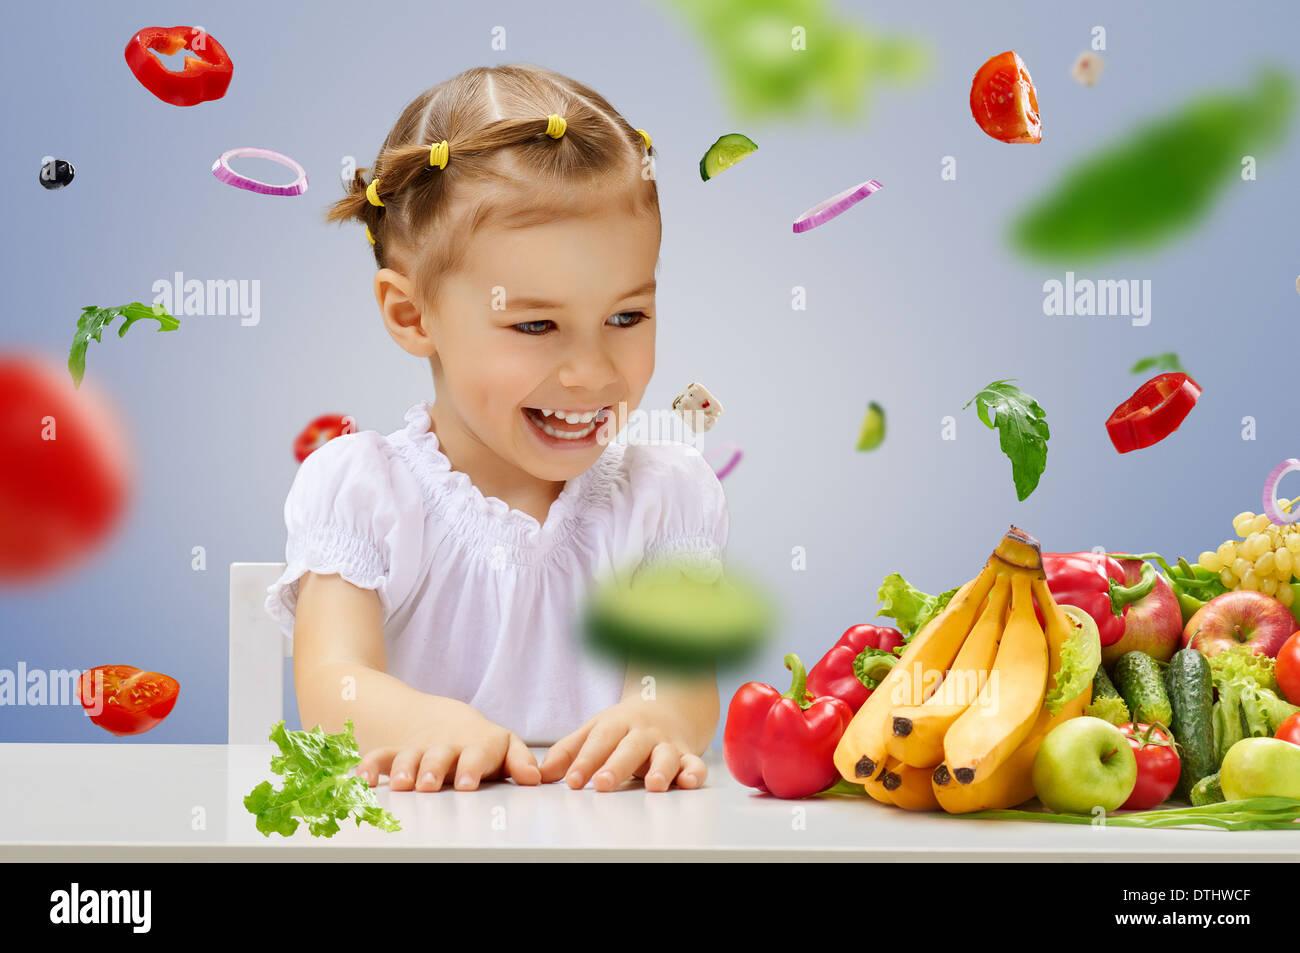 Ein schönes Mädchen essen frisches Obst Stockbild